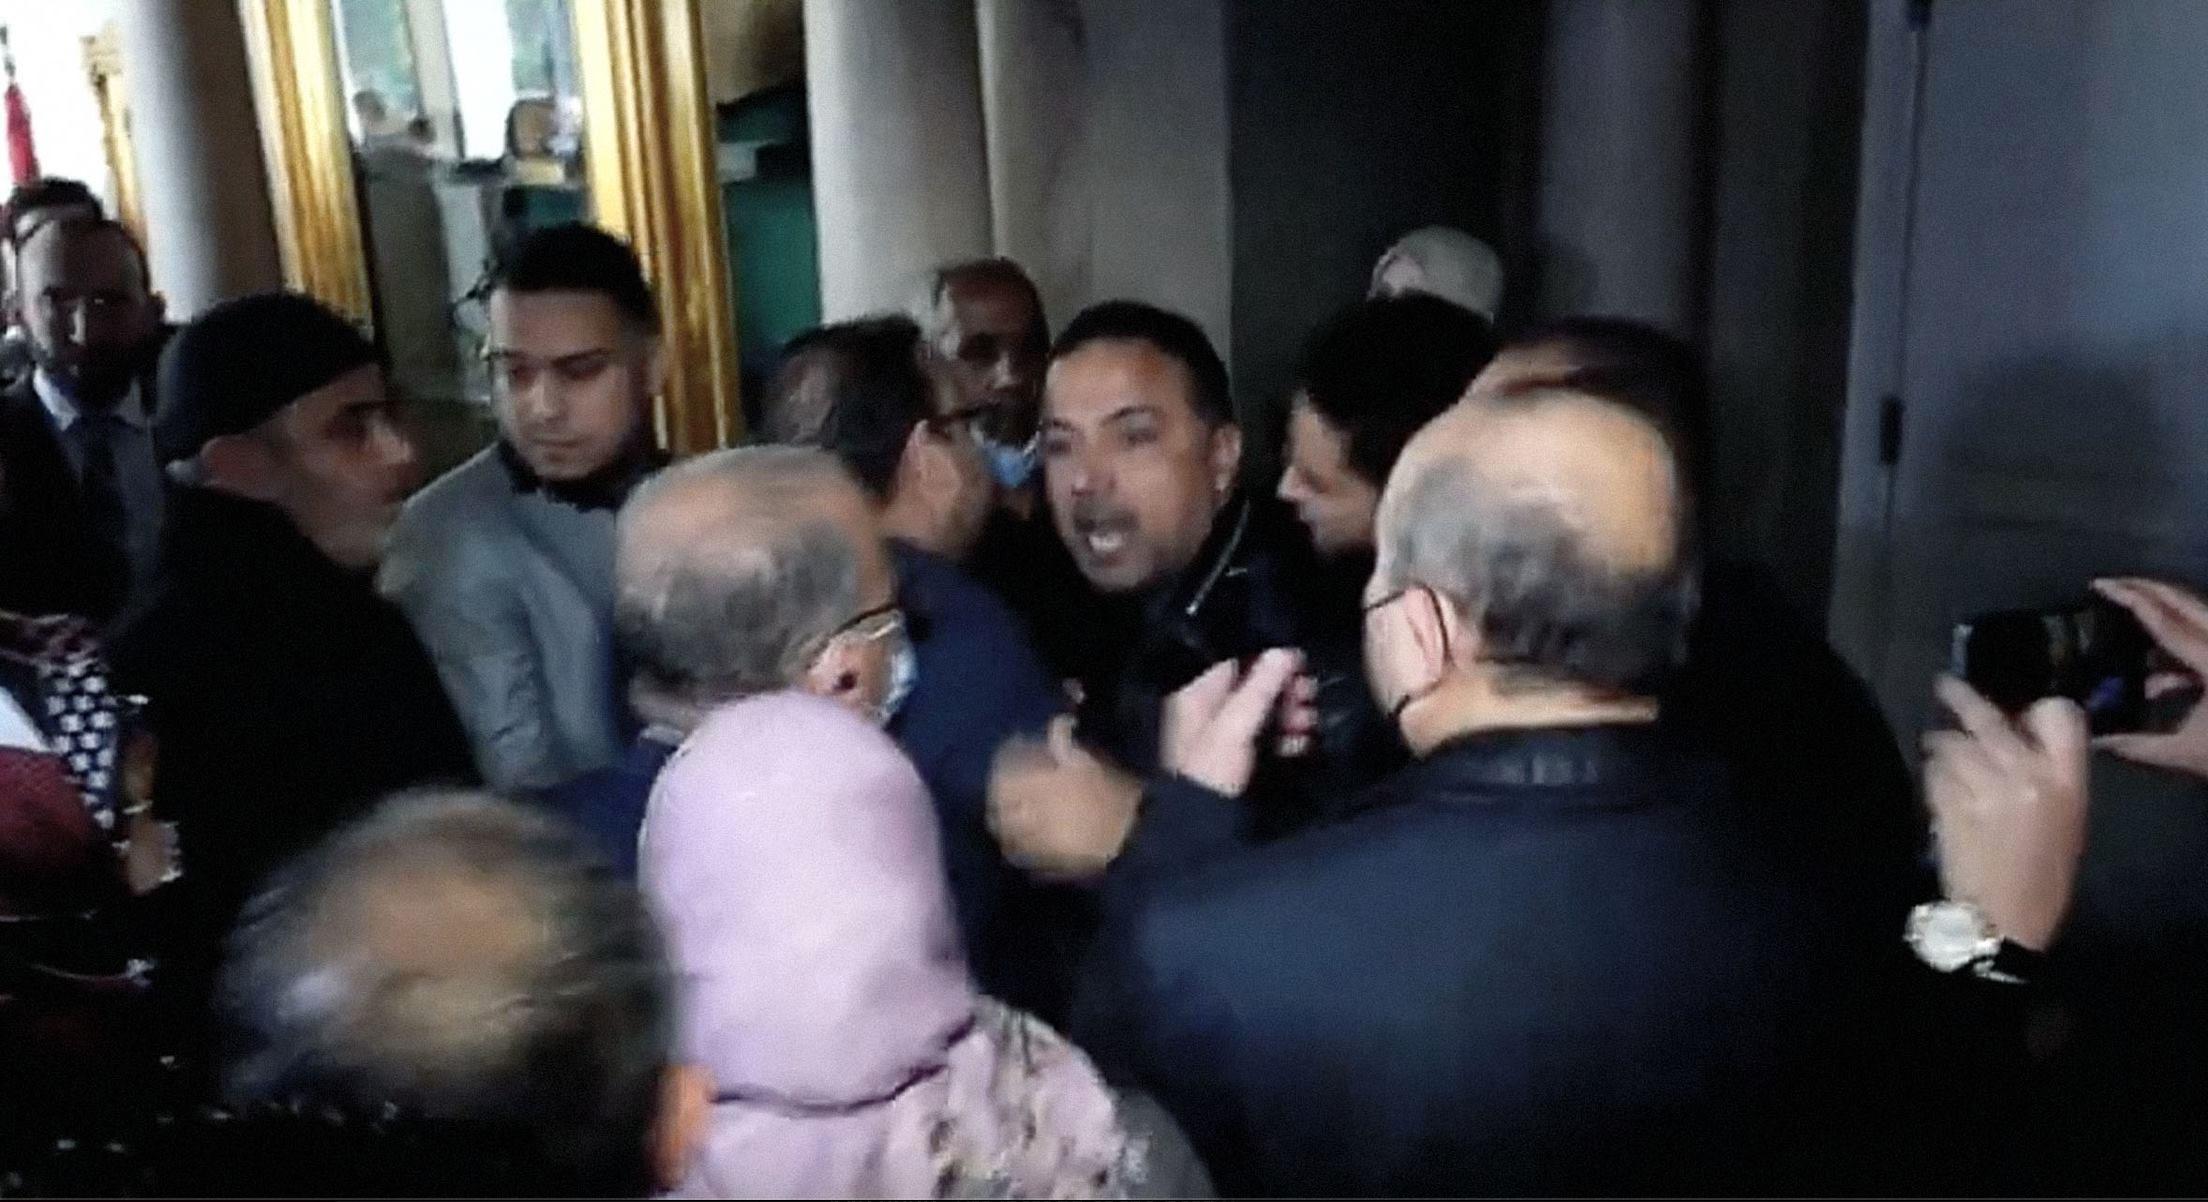 صورة شغب في البرلمان التونسي عقب فضح مؤامرة لاستخدام الديموقراطية في دعم المرأة